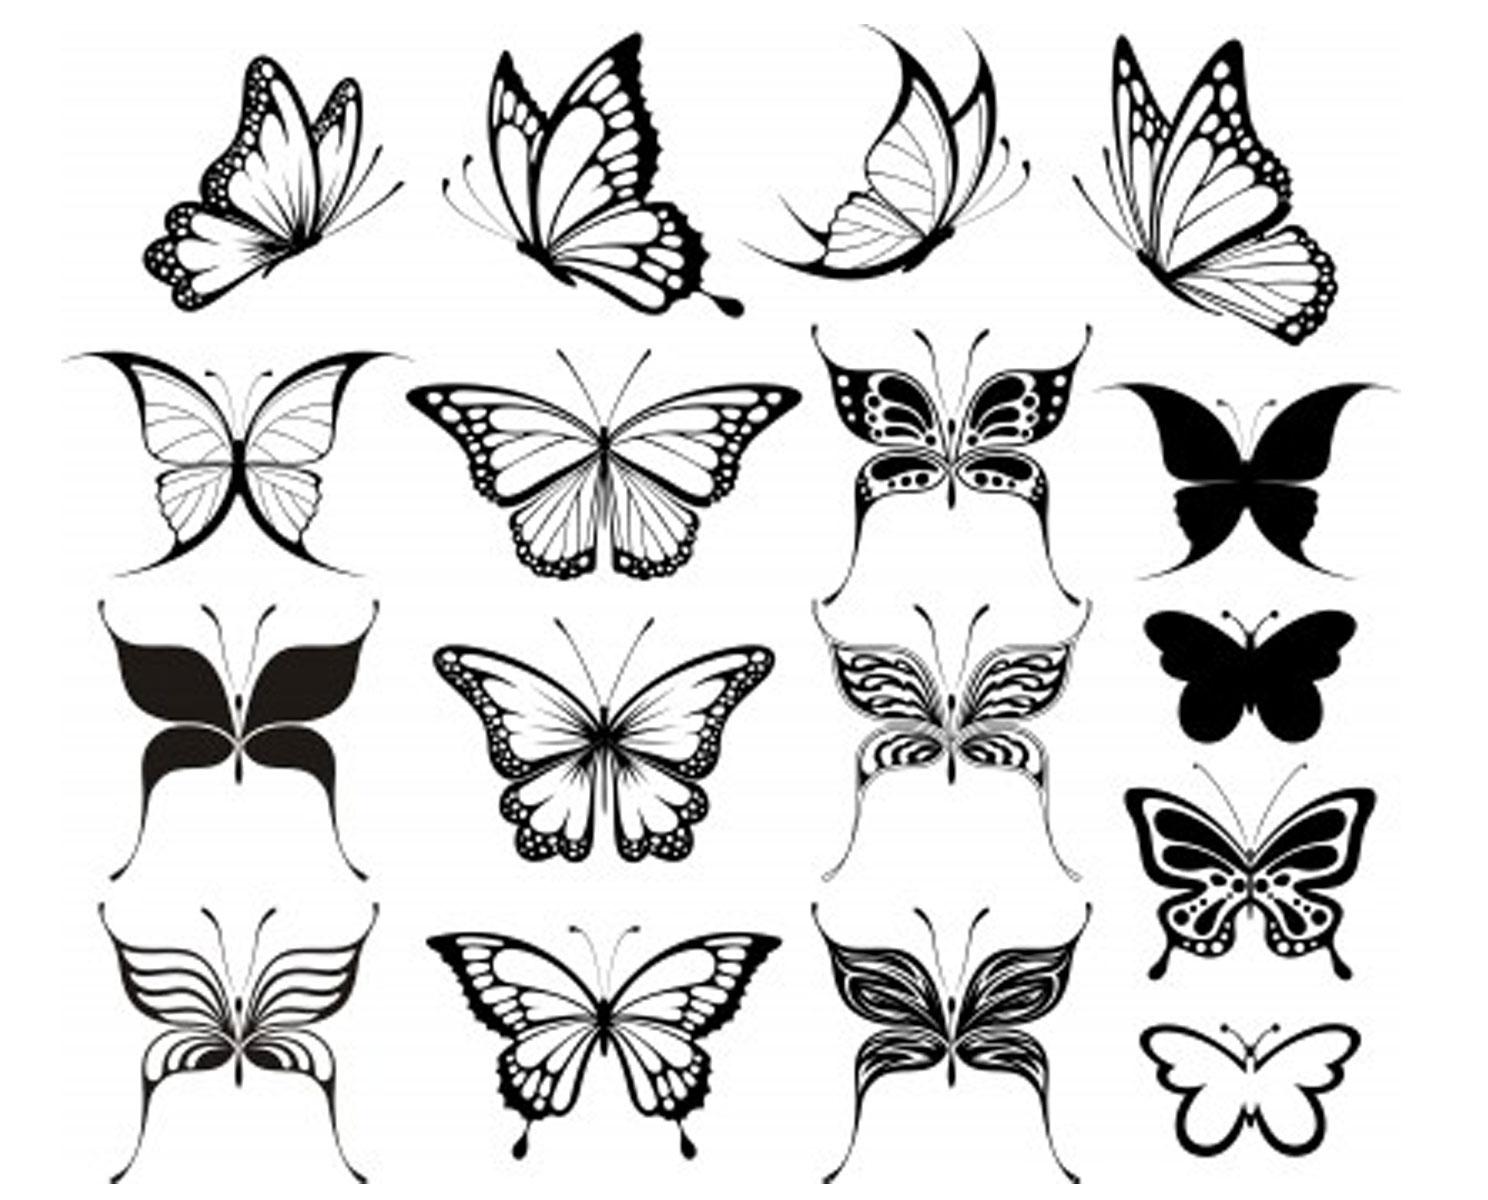 Idée Uage Papillon Dessin - Modèle De Tattoo #351563 intérieur Papillon À Dessiner